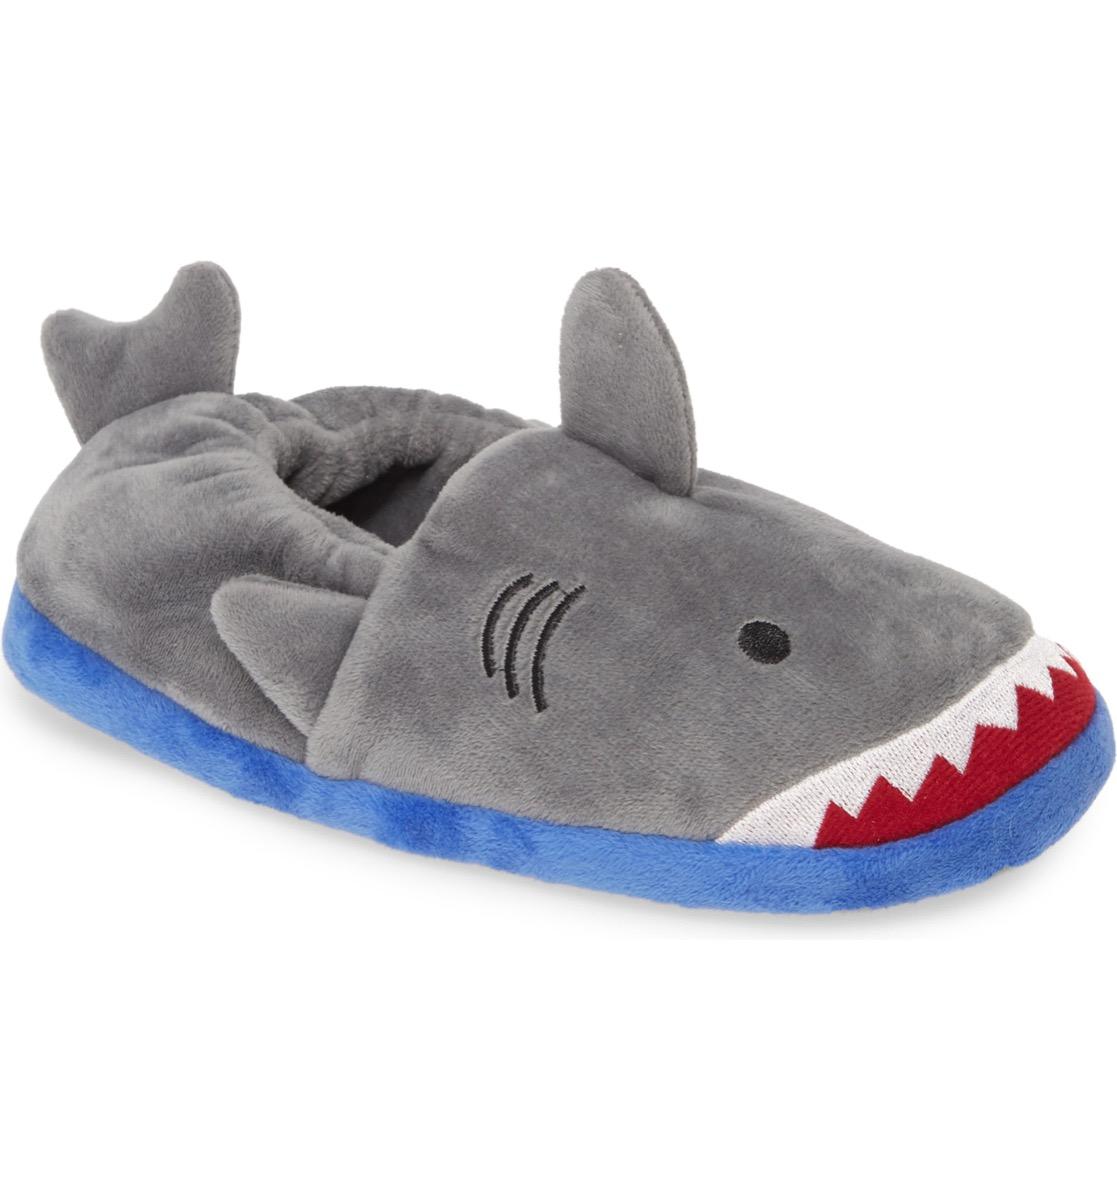 tucker tate fuzzy shark slippers